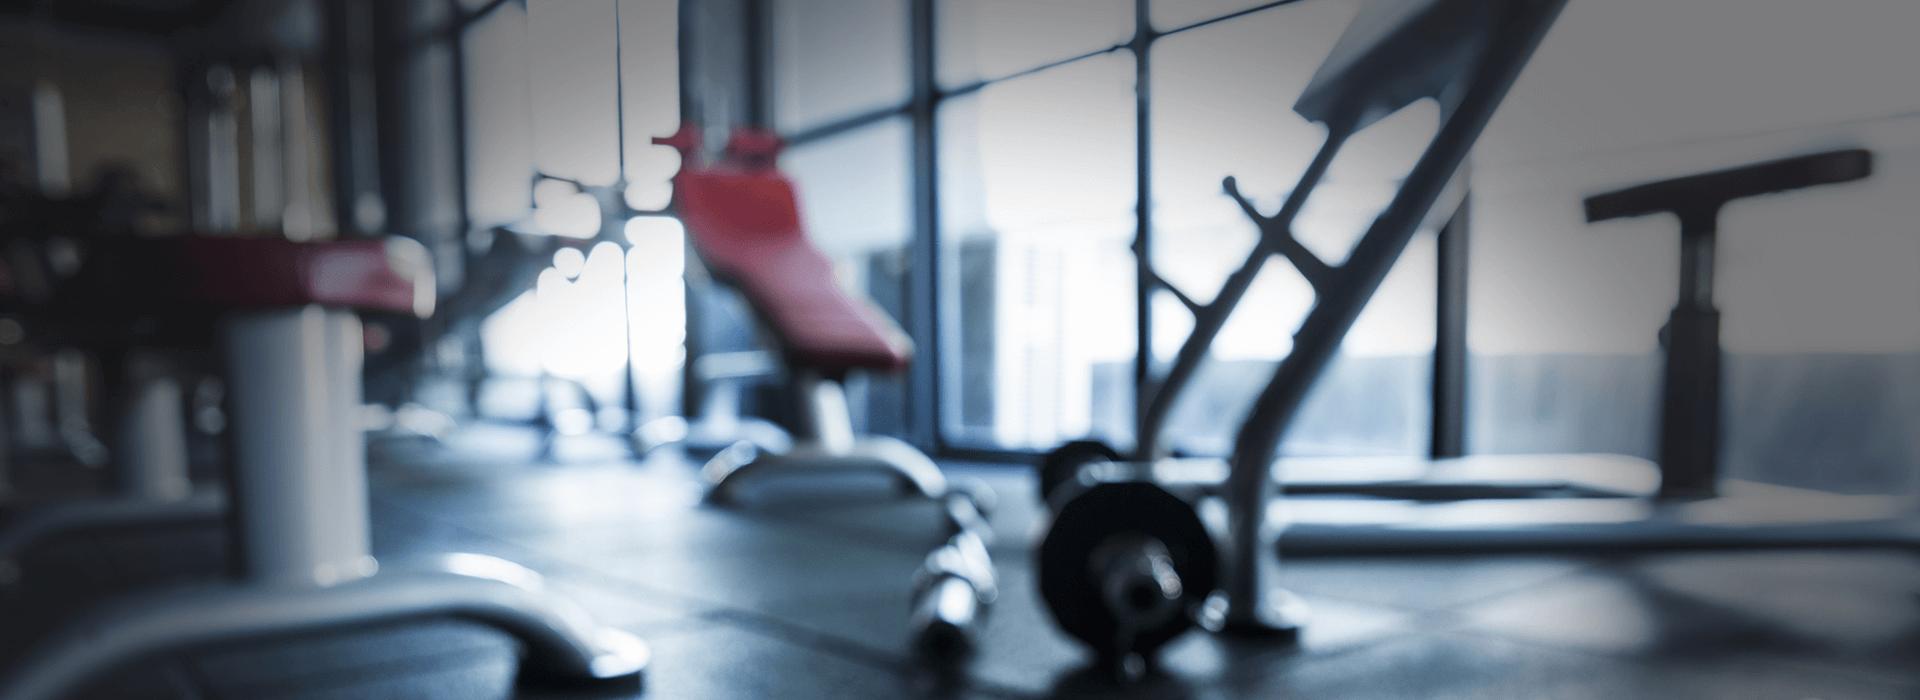 slider1go-fitness-dinant